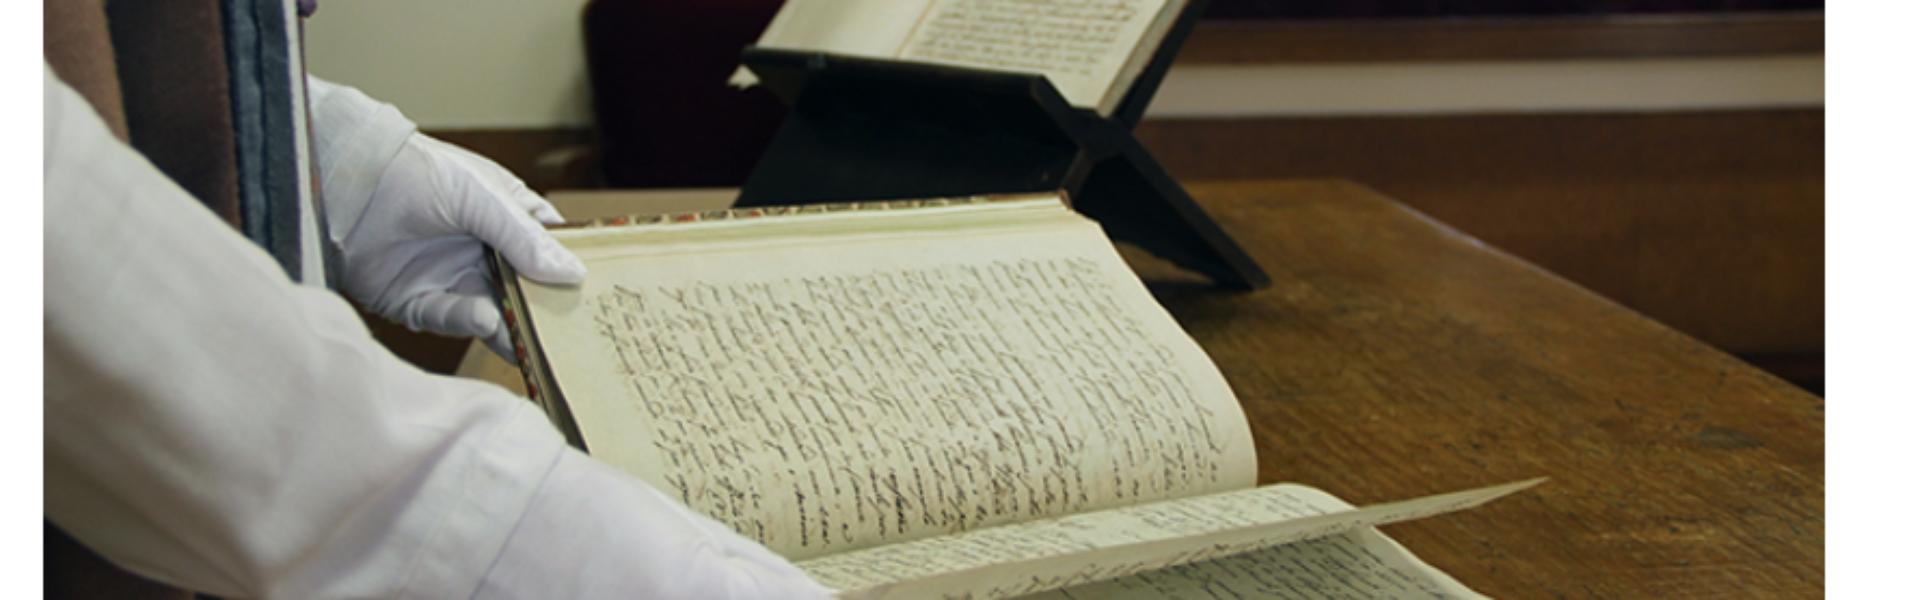 Copiador do Cardeal Saraiva de regresso à Universidade de Coimbra